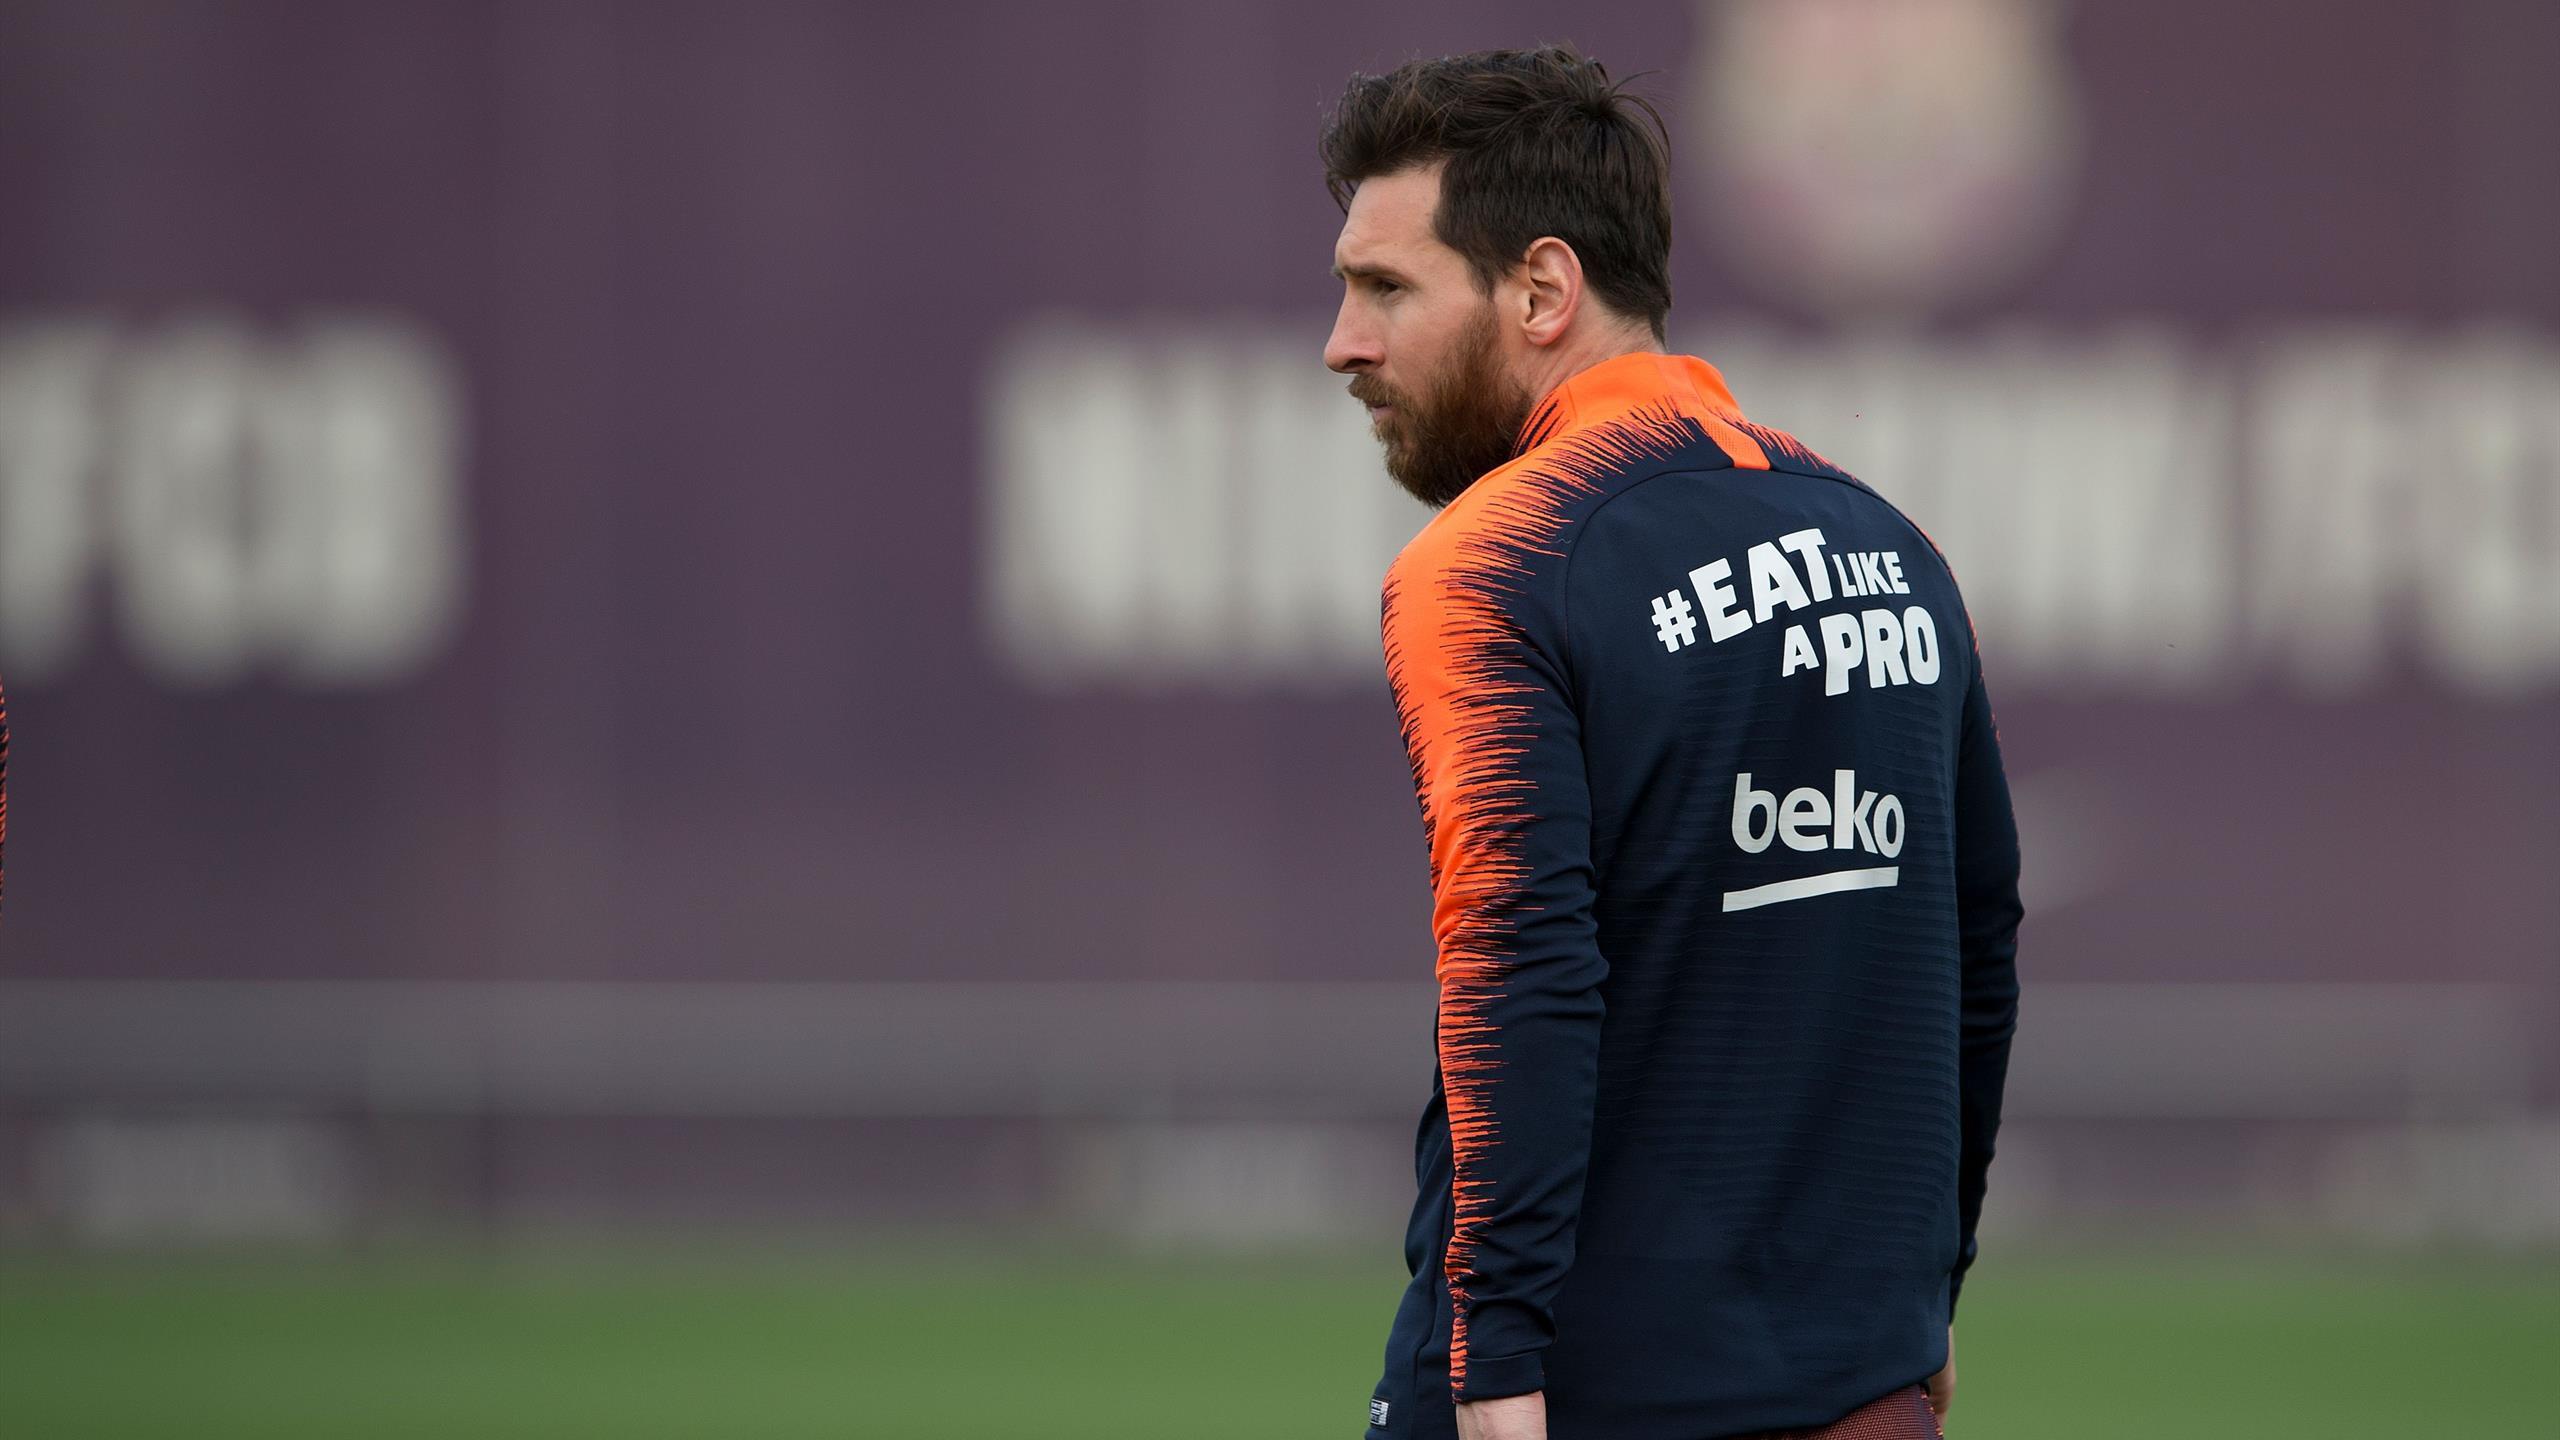 Лидер испанского чемпионата по футболу